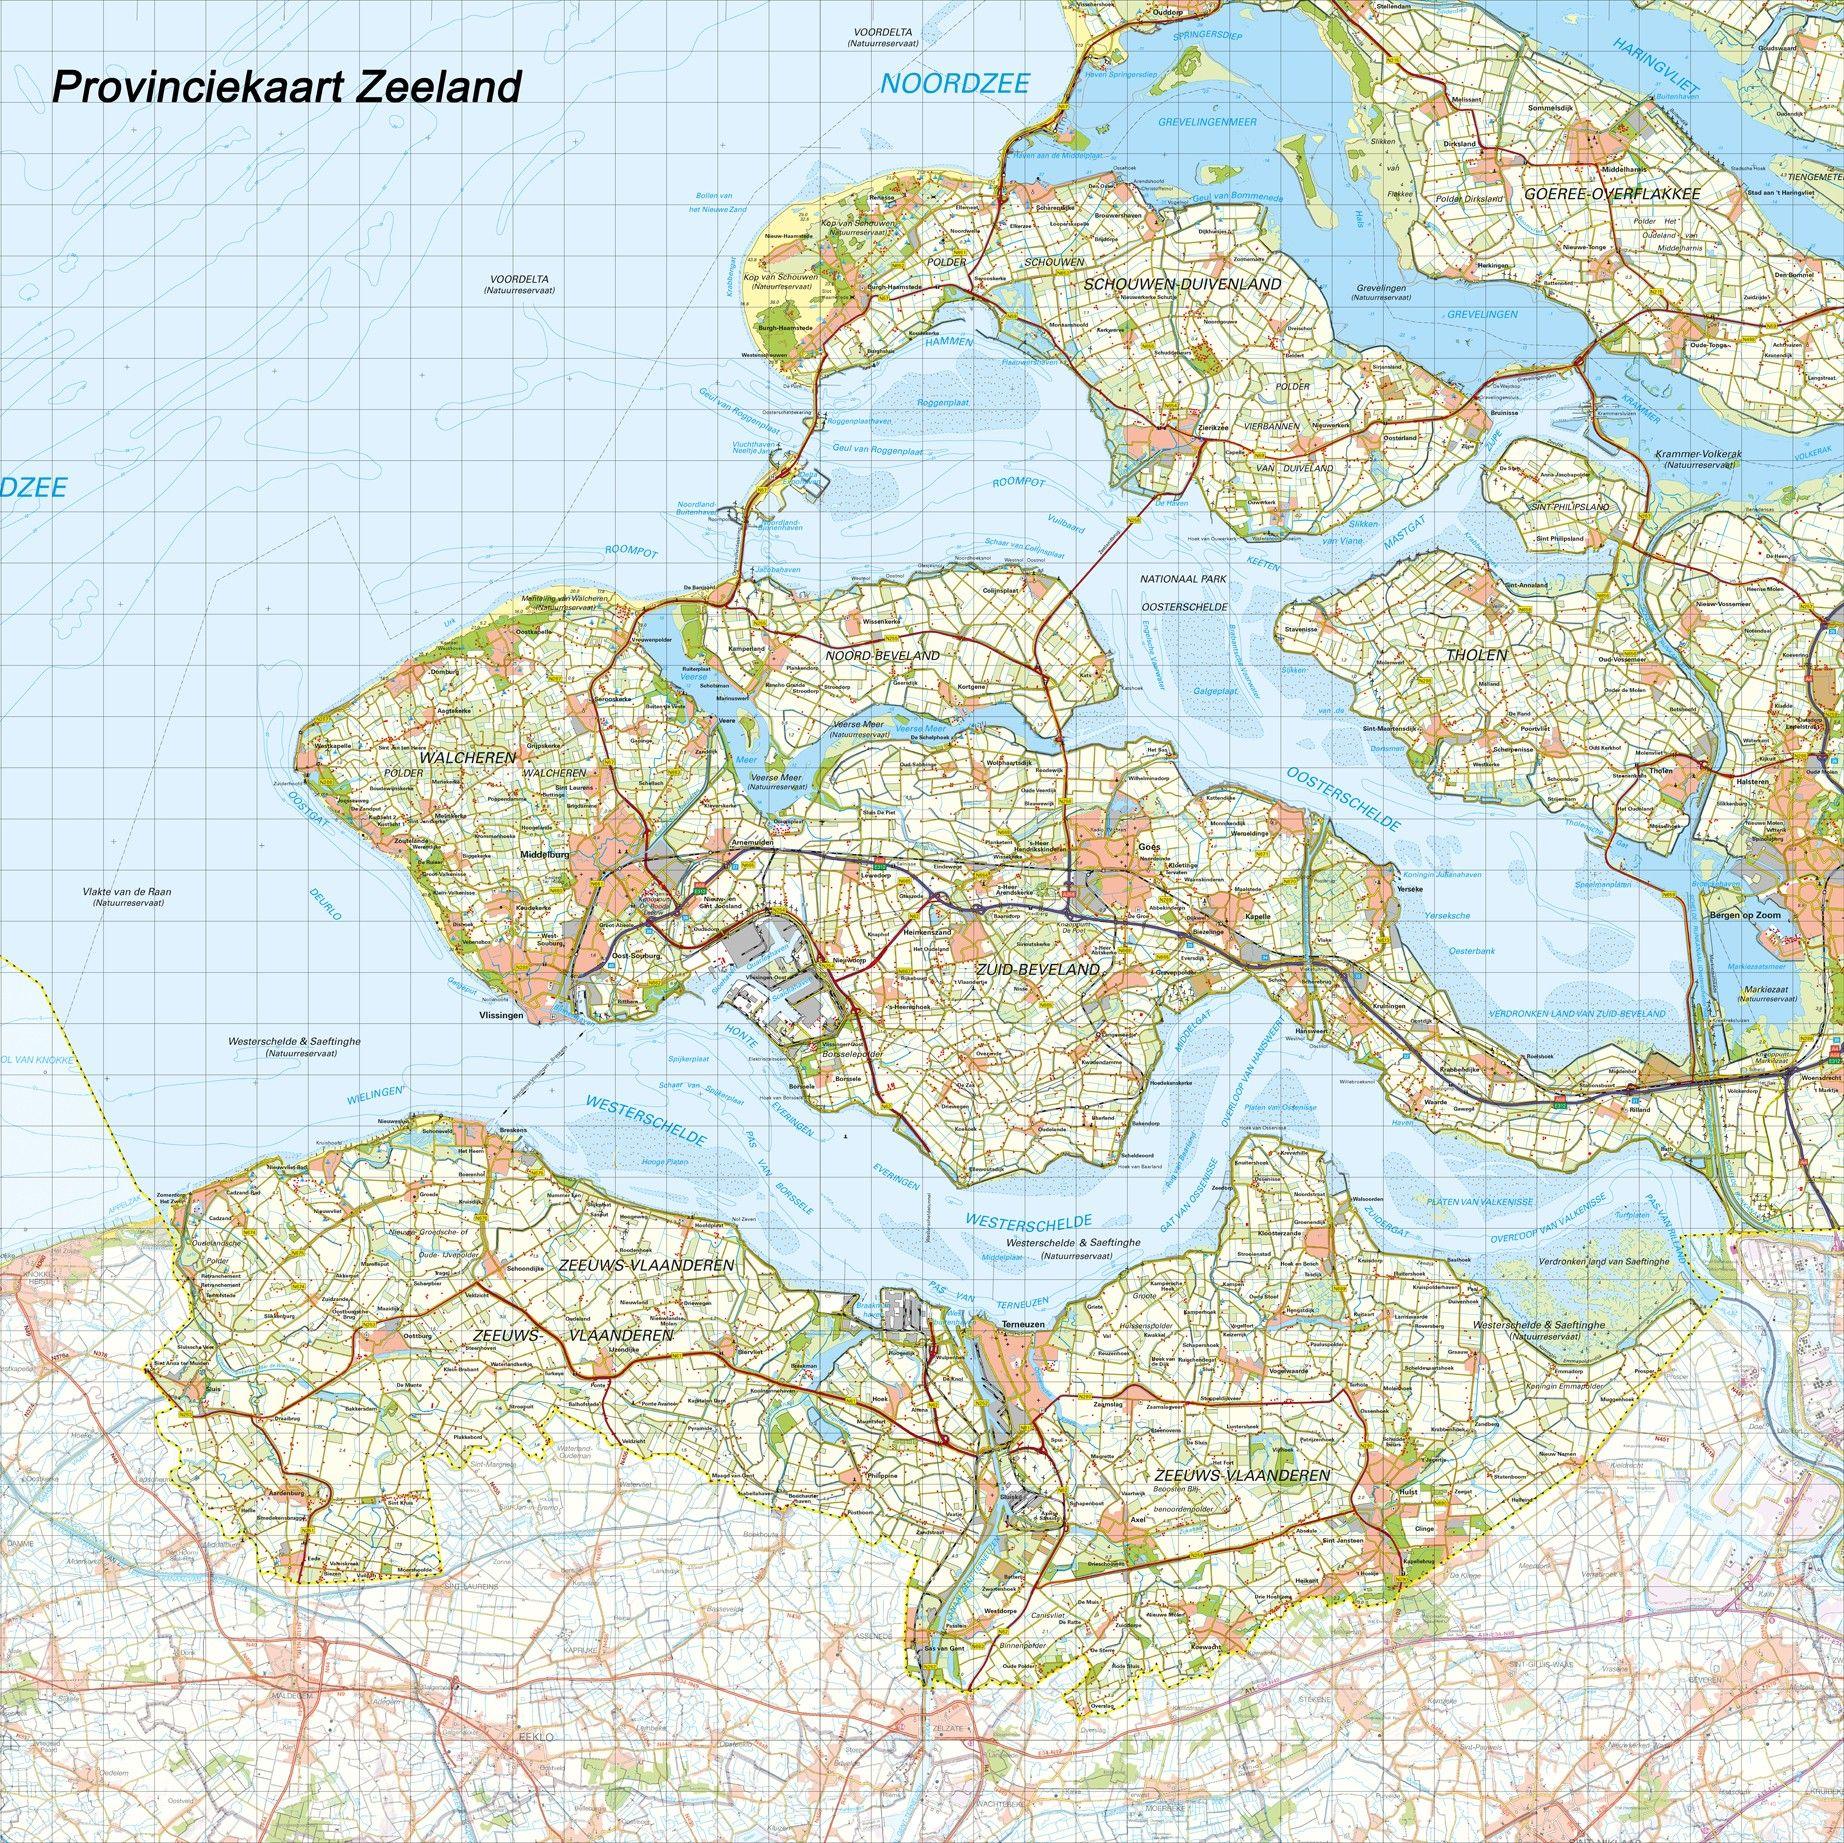 Topografische Provincie kaart Zeeland 1:100.000